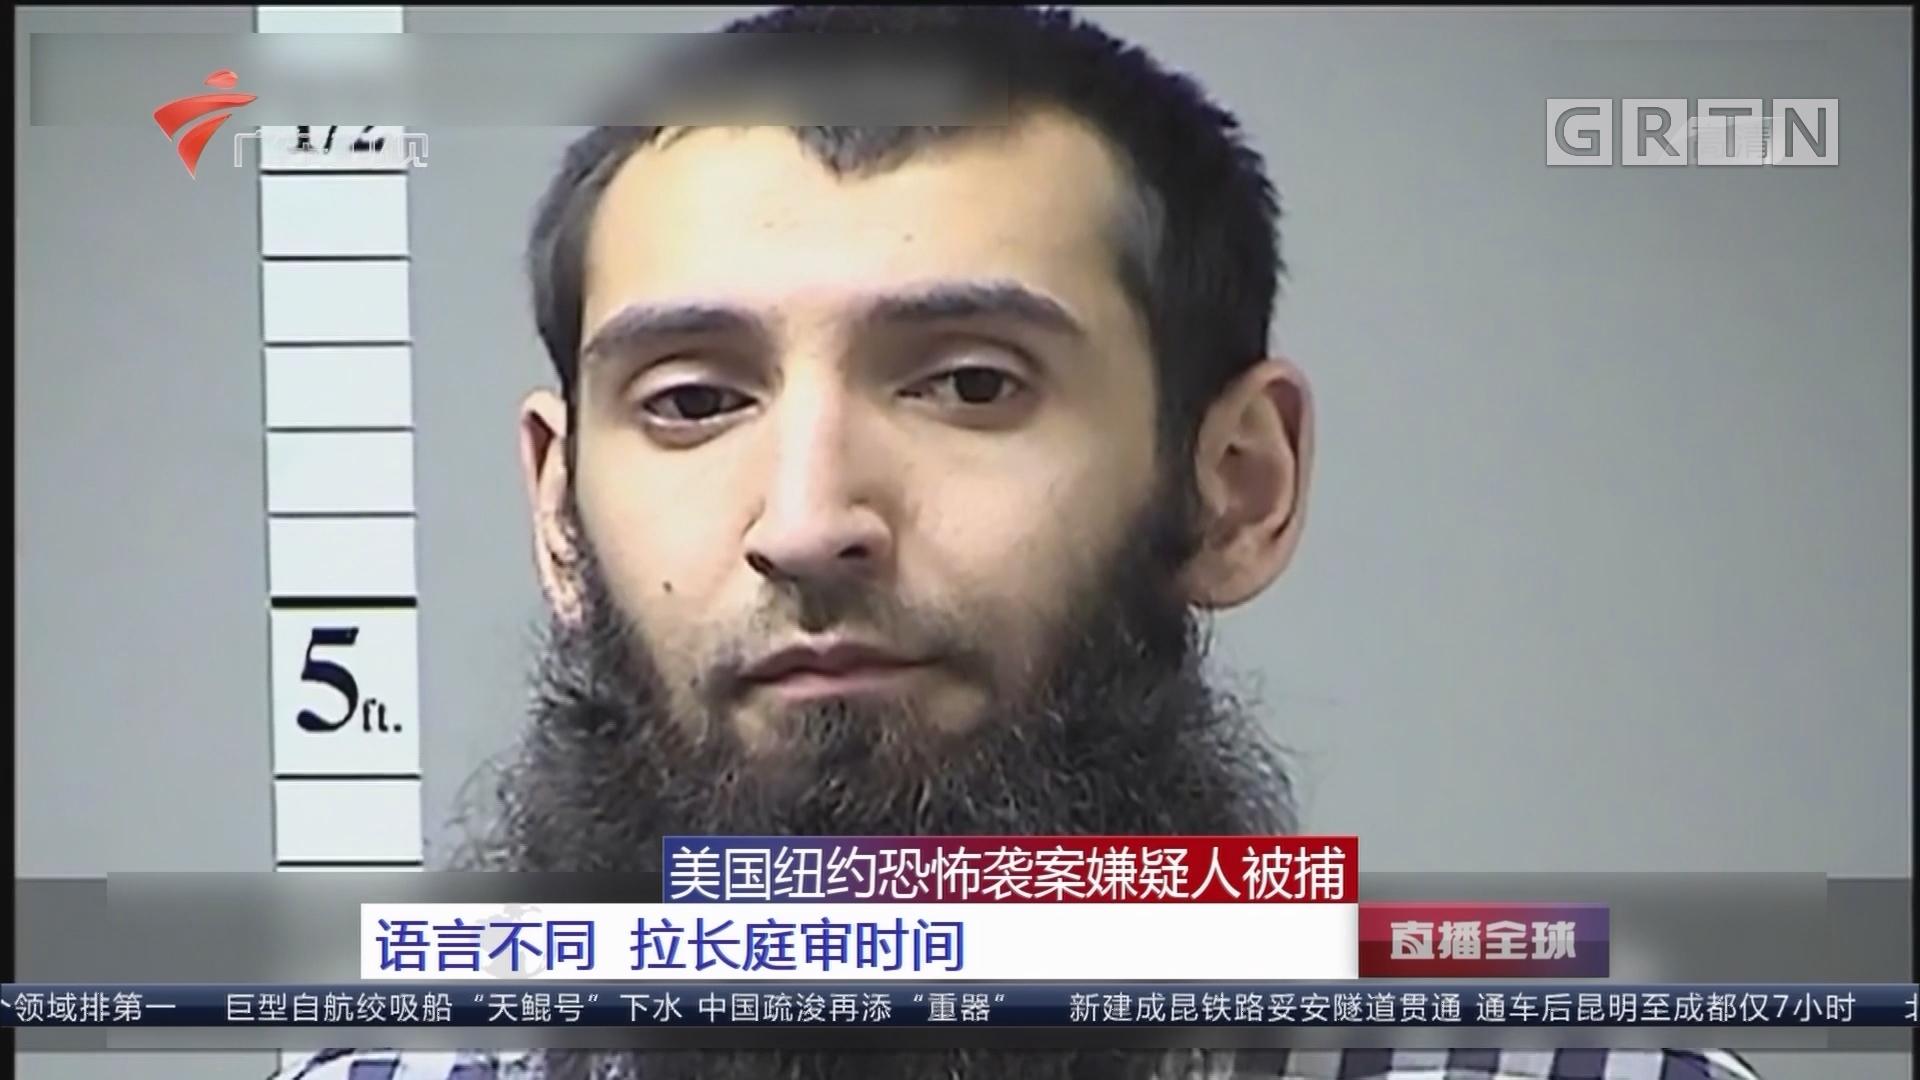 美国纽约恐怖袭案嫌疑人被捕:以恐怖主义罪名被起诉